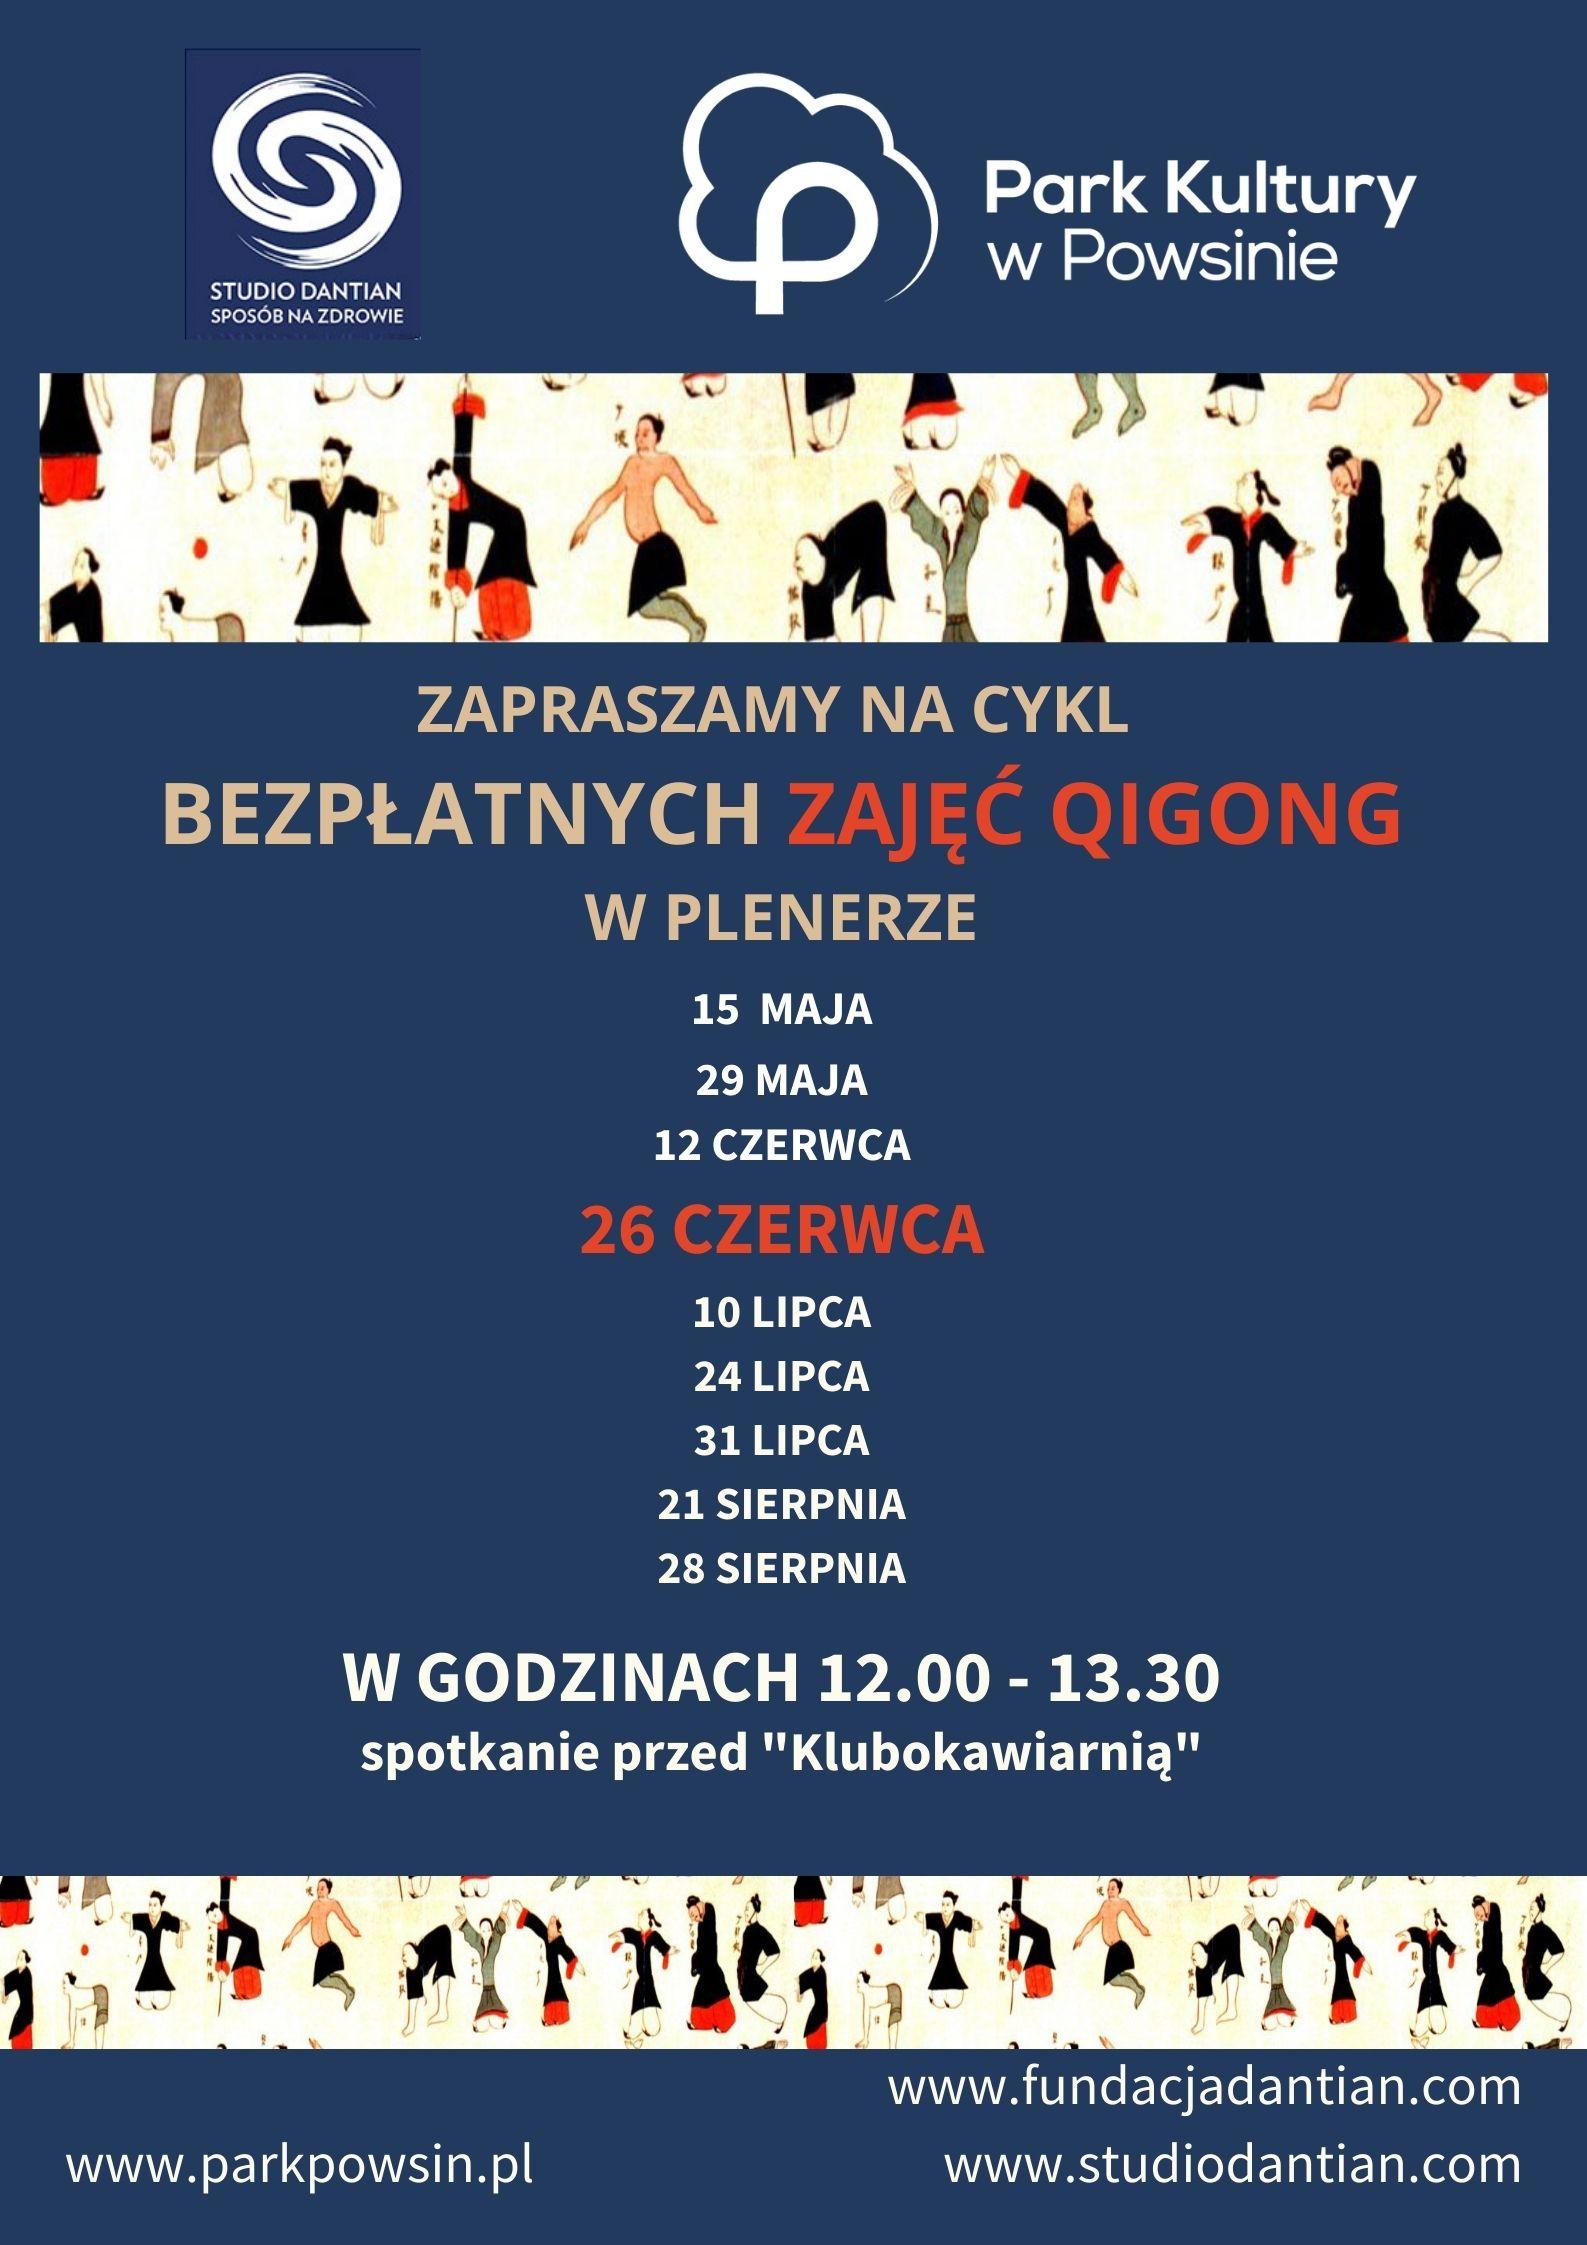 Plakat z terminami ćwiczeń qigong w parku kultury w Powsinie